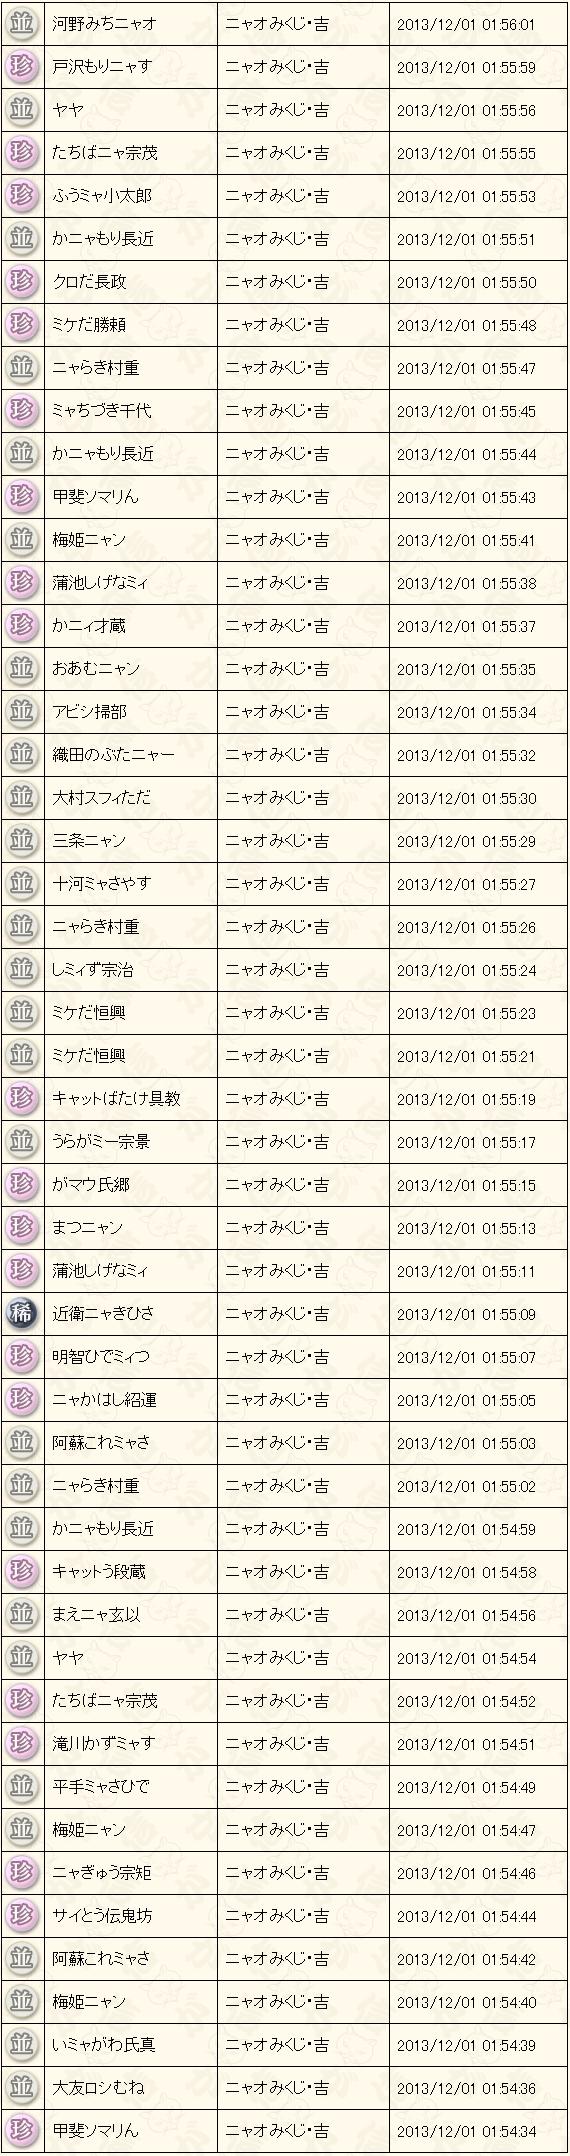 11月末くじ結果吉2